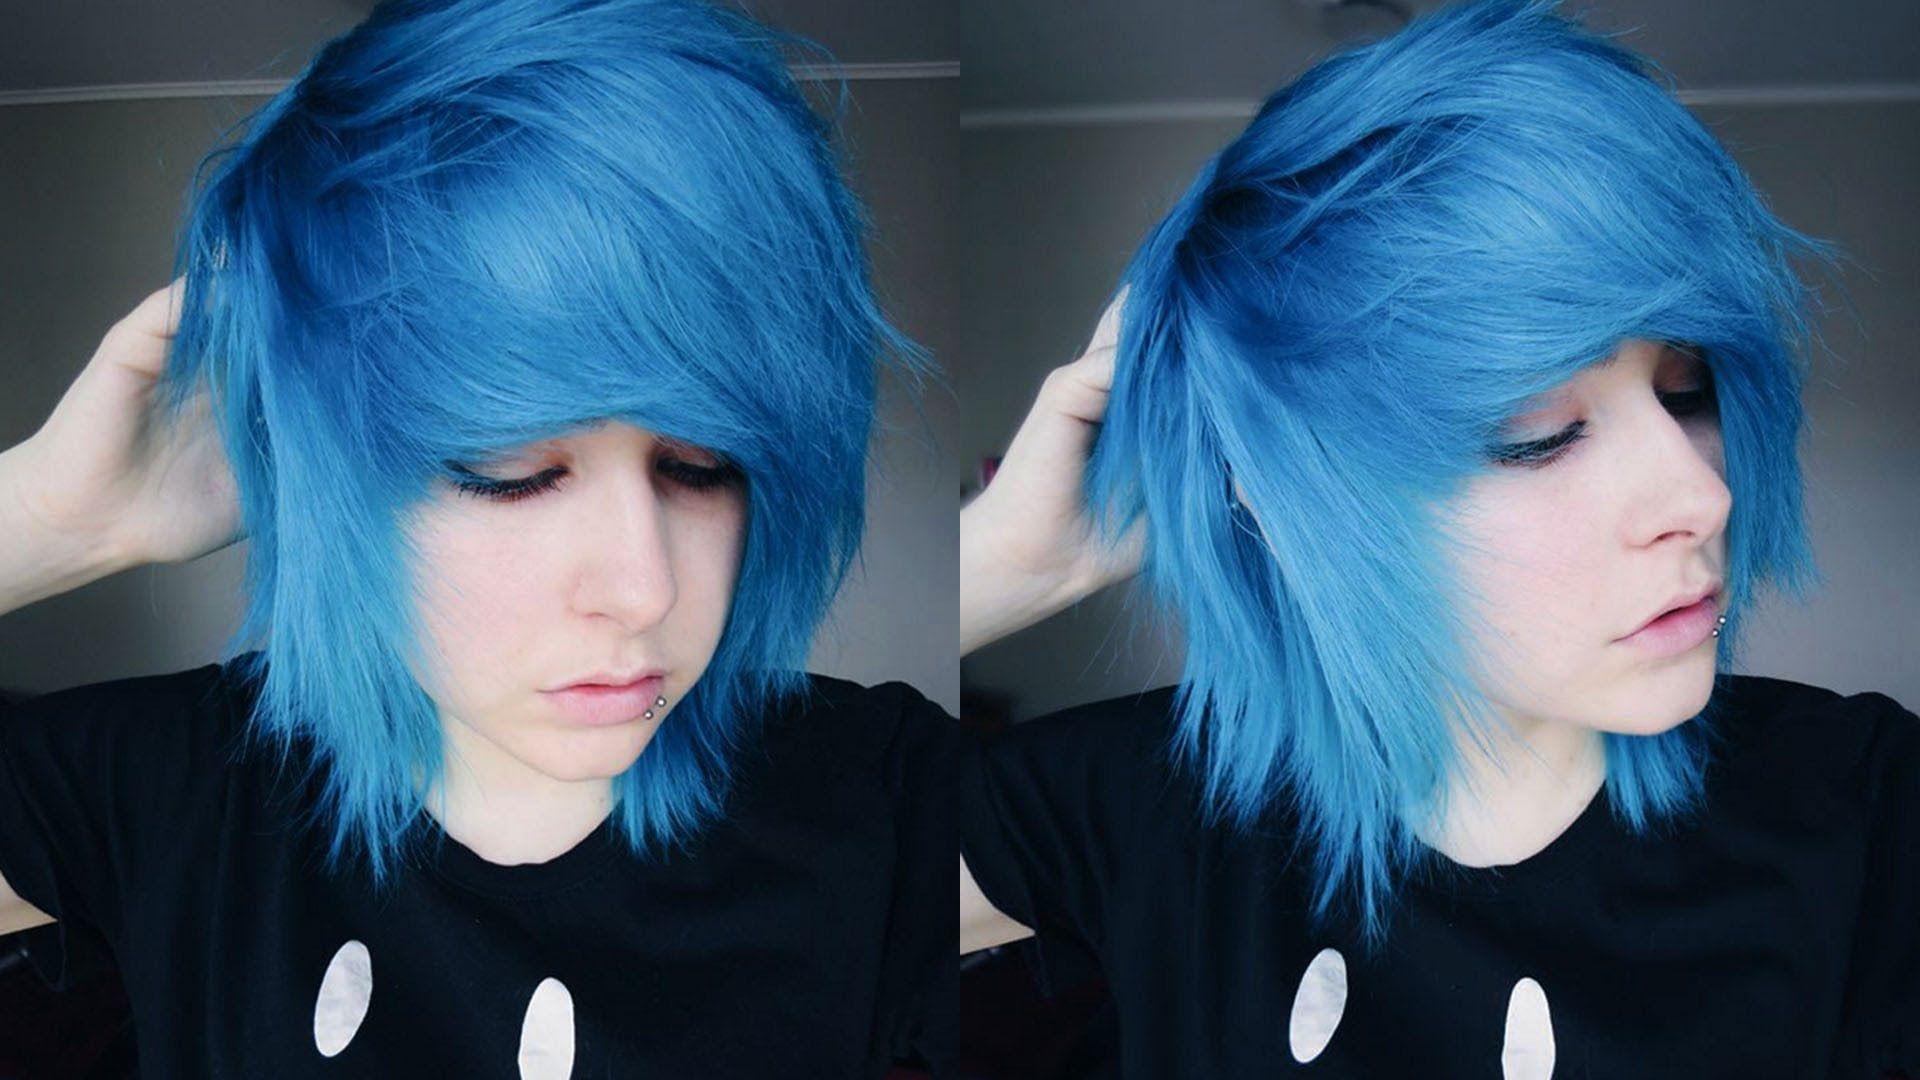 How to Style Short Scene/Emo Hair  Short emo hair, Short scene